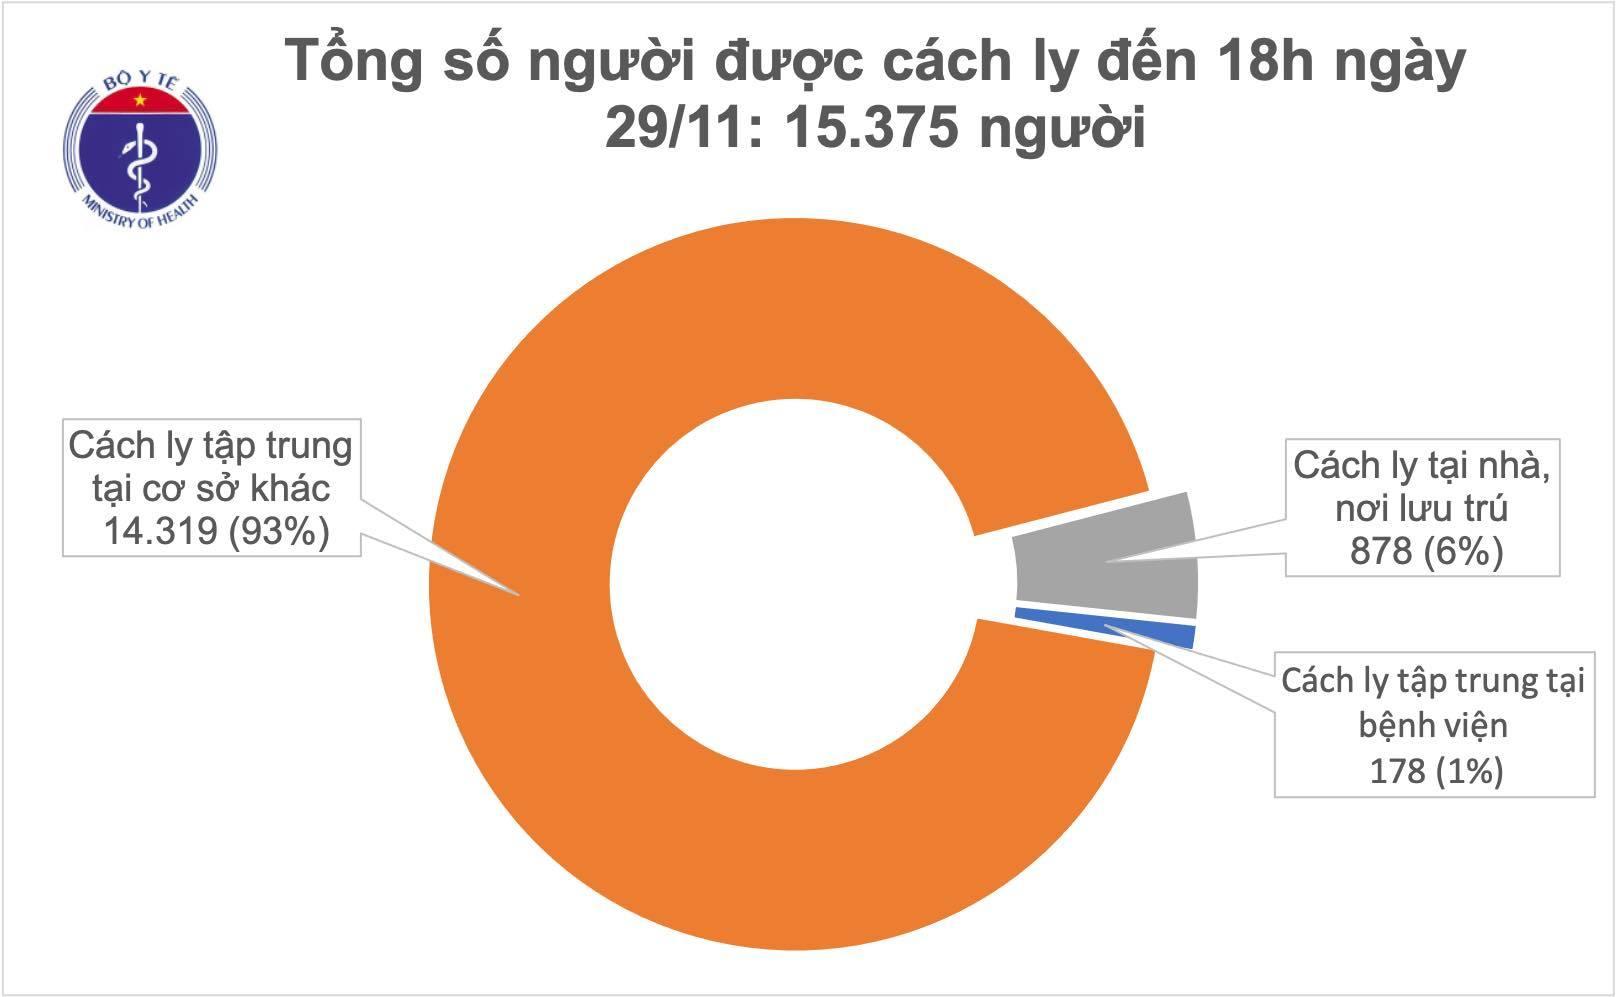 Thêm 2 thanh niên mắc Covid-19, Việt Nam có 1343 ca